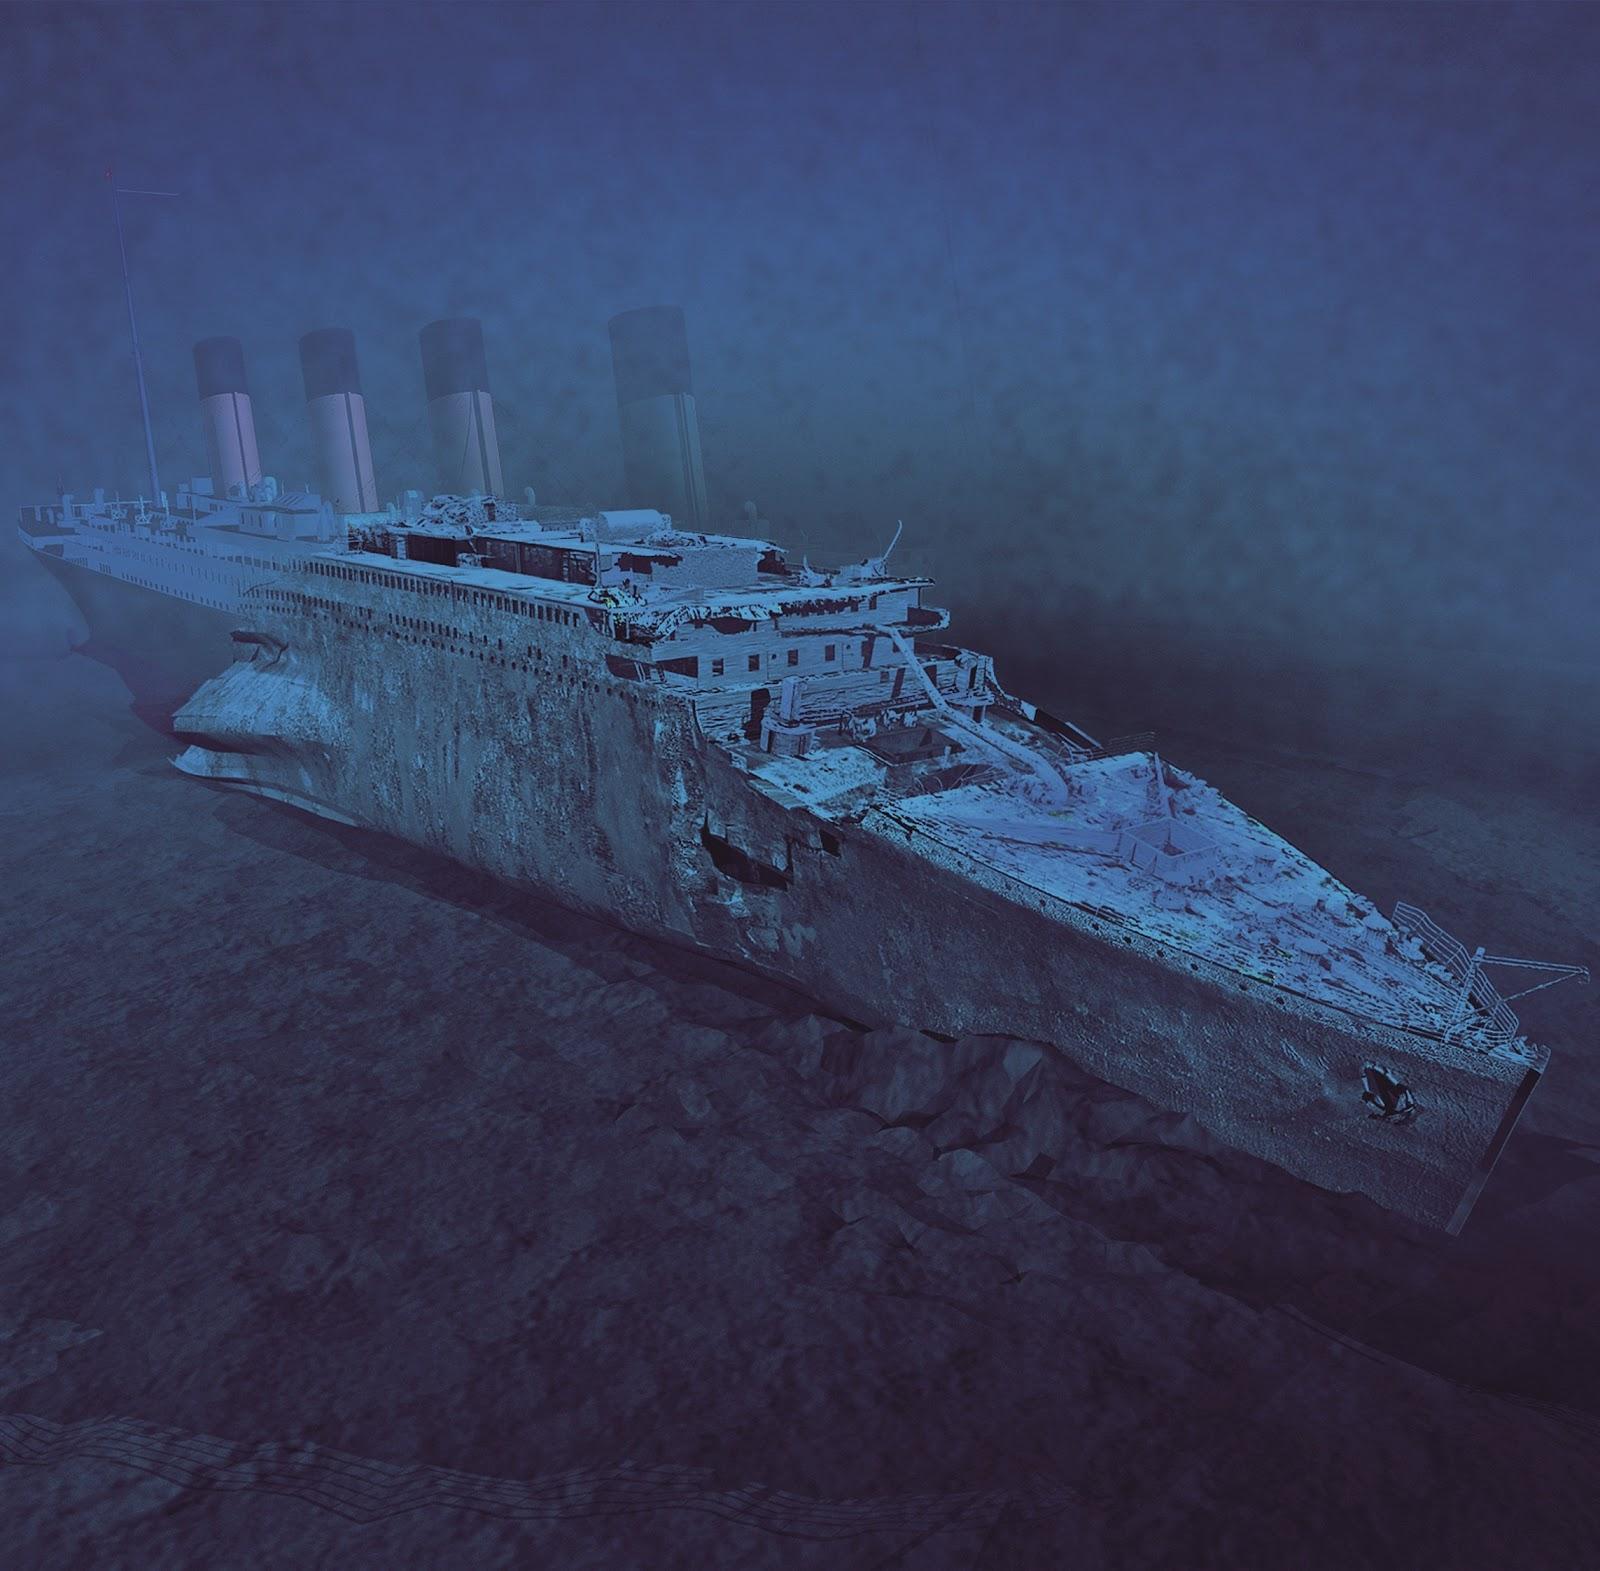 Titanic clipart sunken ship – The The September anniversary